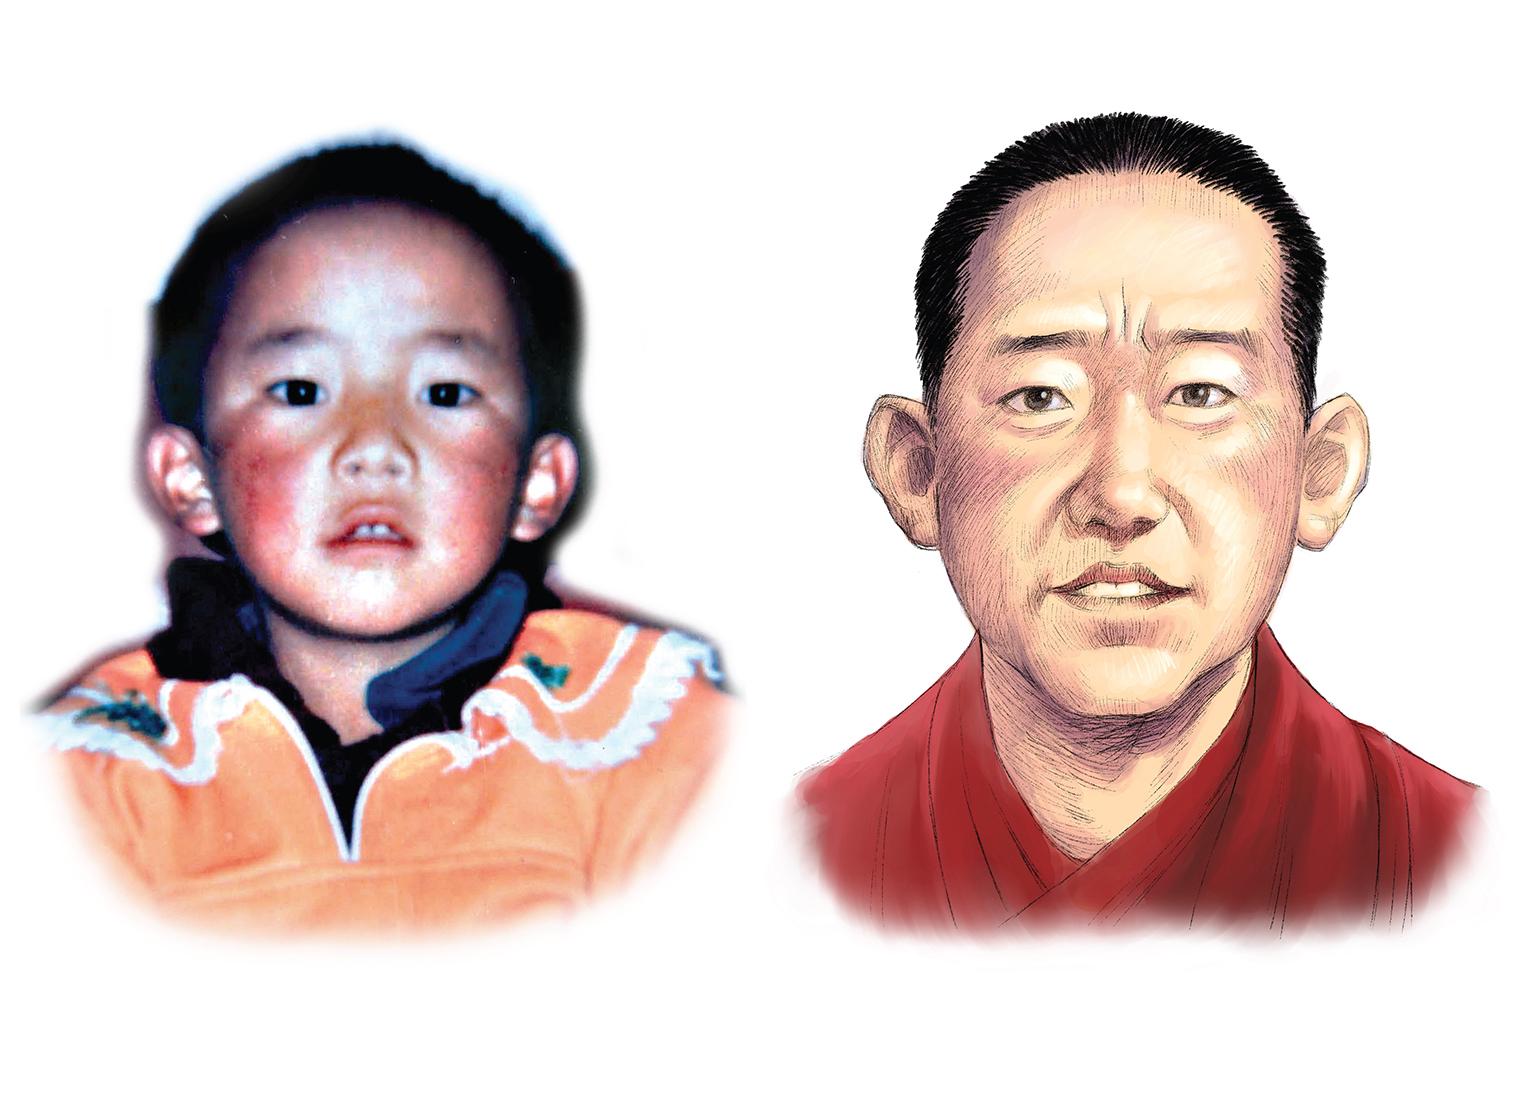 4月25日是失踪24年的十一世班禅喇嘛根敦确吉尼玛的生日,世人只有他儿童时代的一张照片。(变态辣椒)